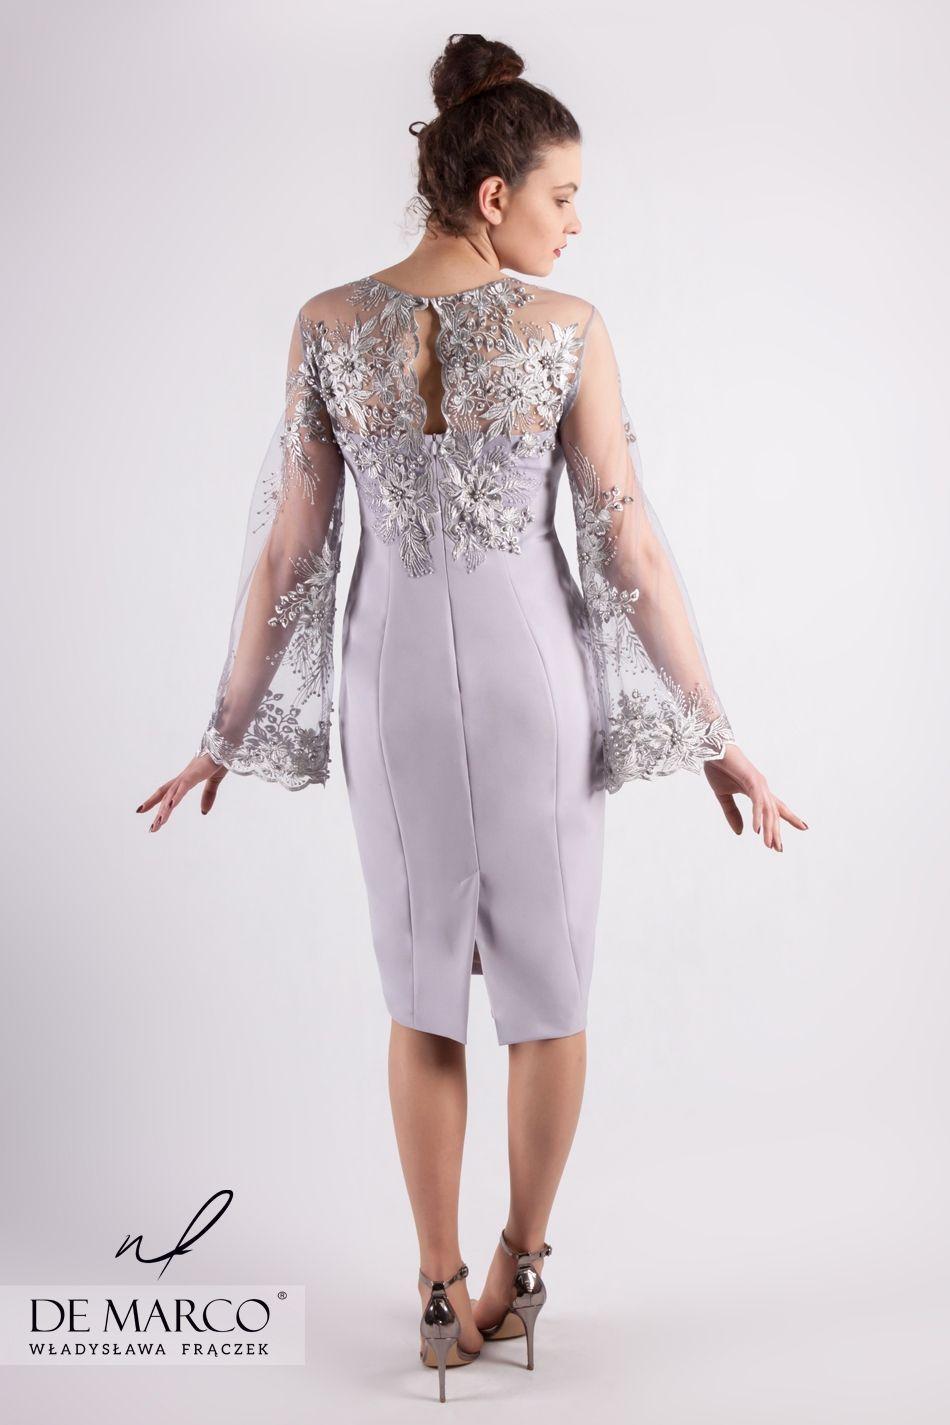 e80c25d94f072b Ekskluzywne sukienki na wesele dla mamy, sklep internetowy De Marco.  #demarco #frydrychowice